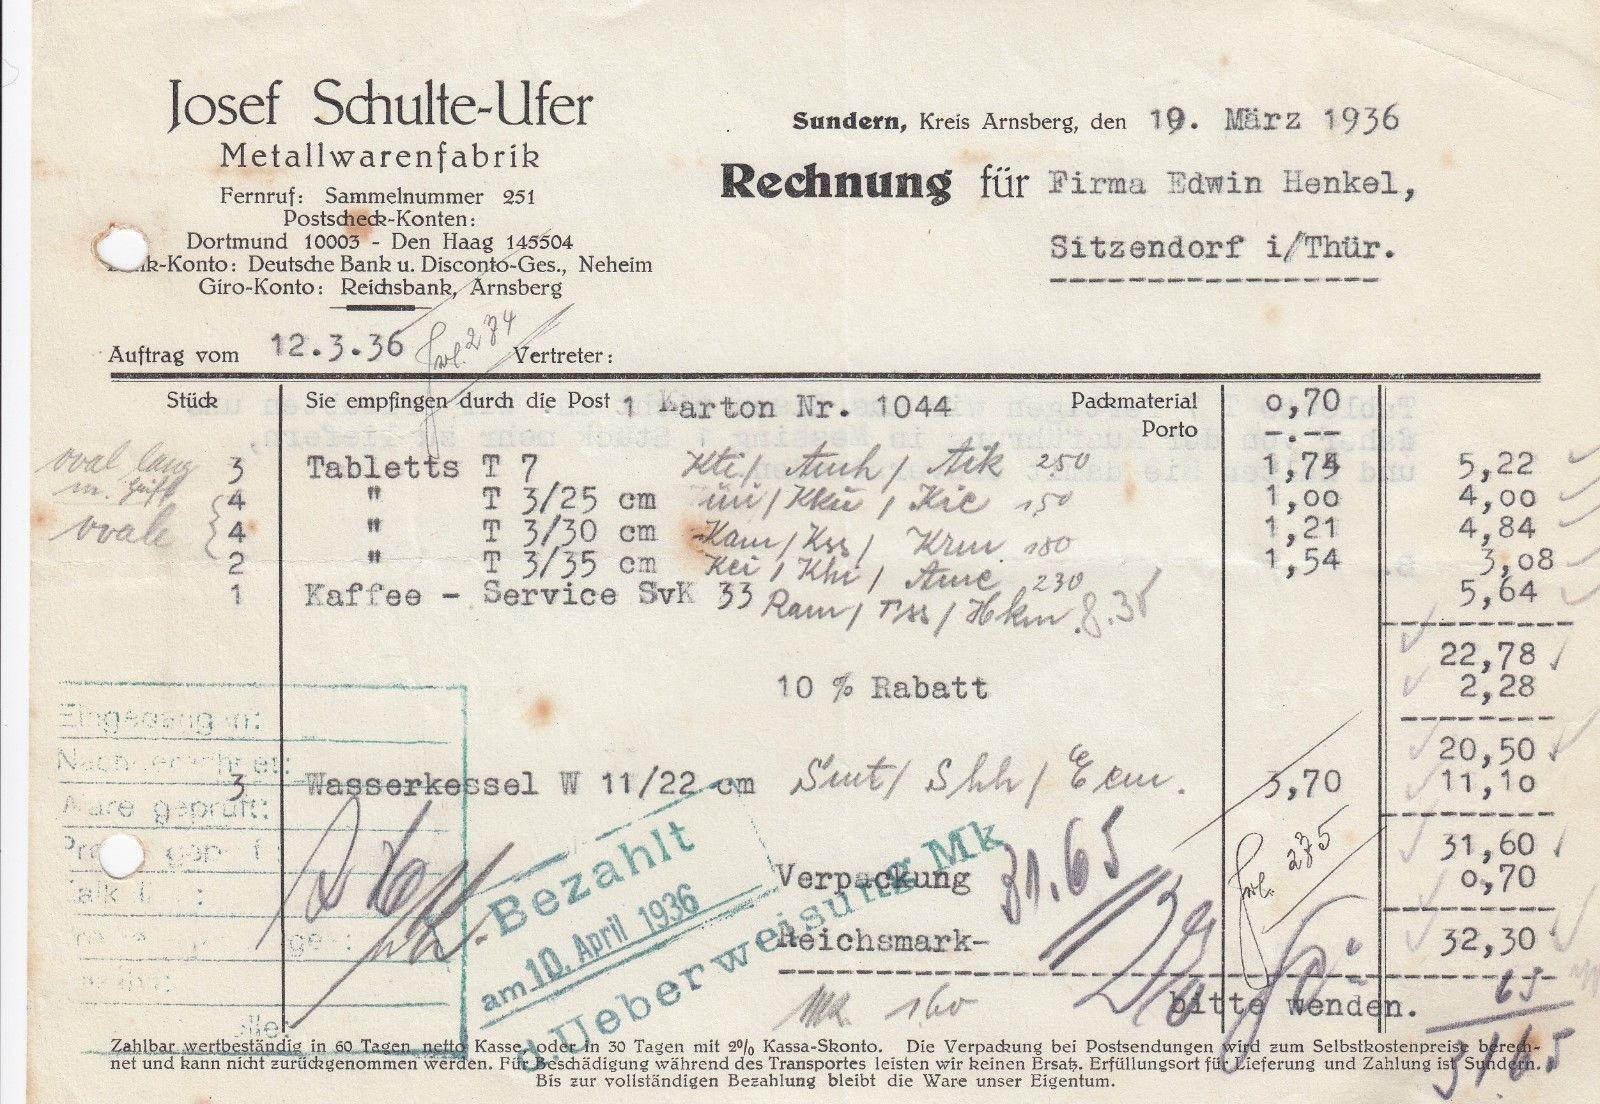 Sundern Rechnung 1936 Josef Schulte Ufer Metallwaren Fabrik Fabrik Rechnung Ebay